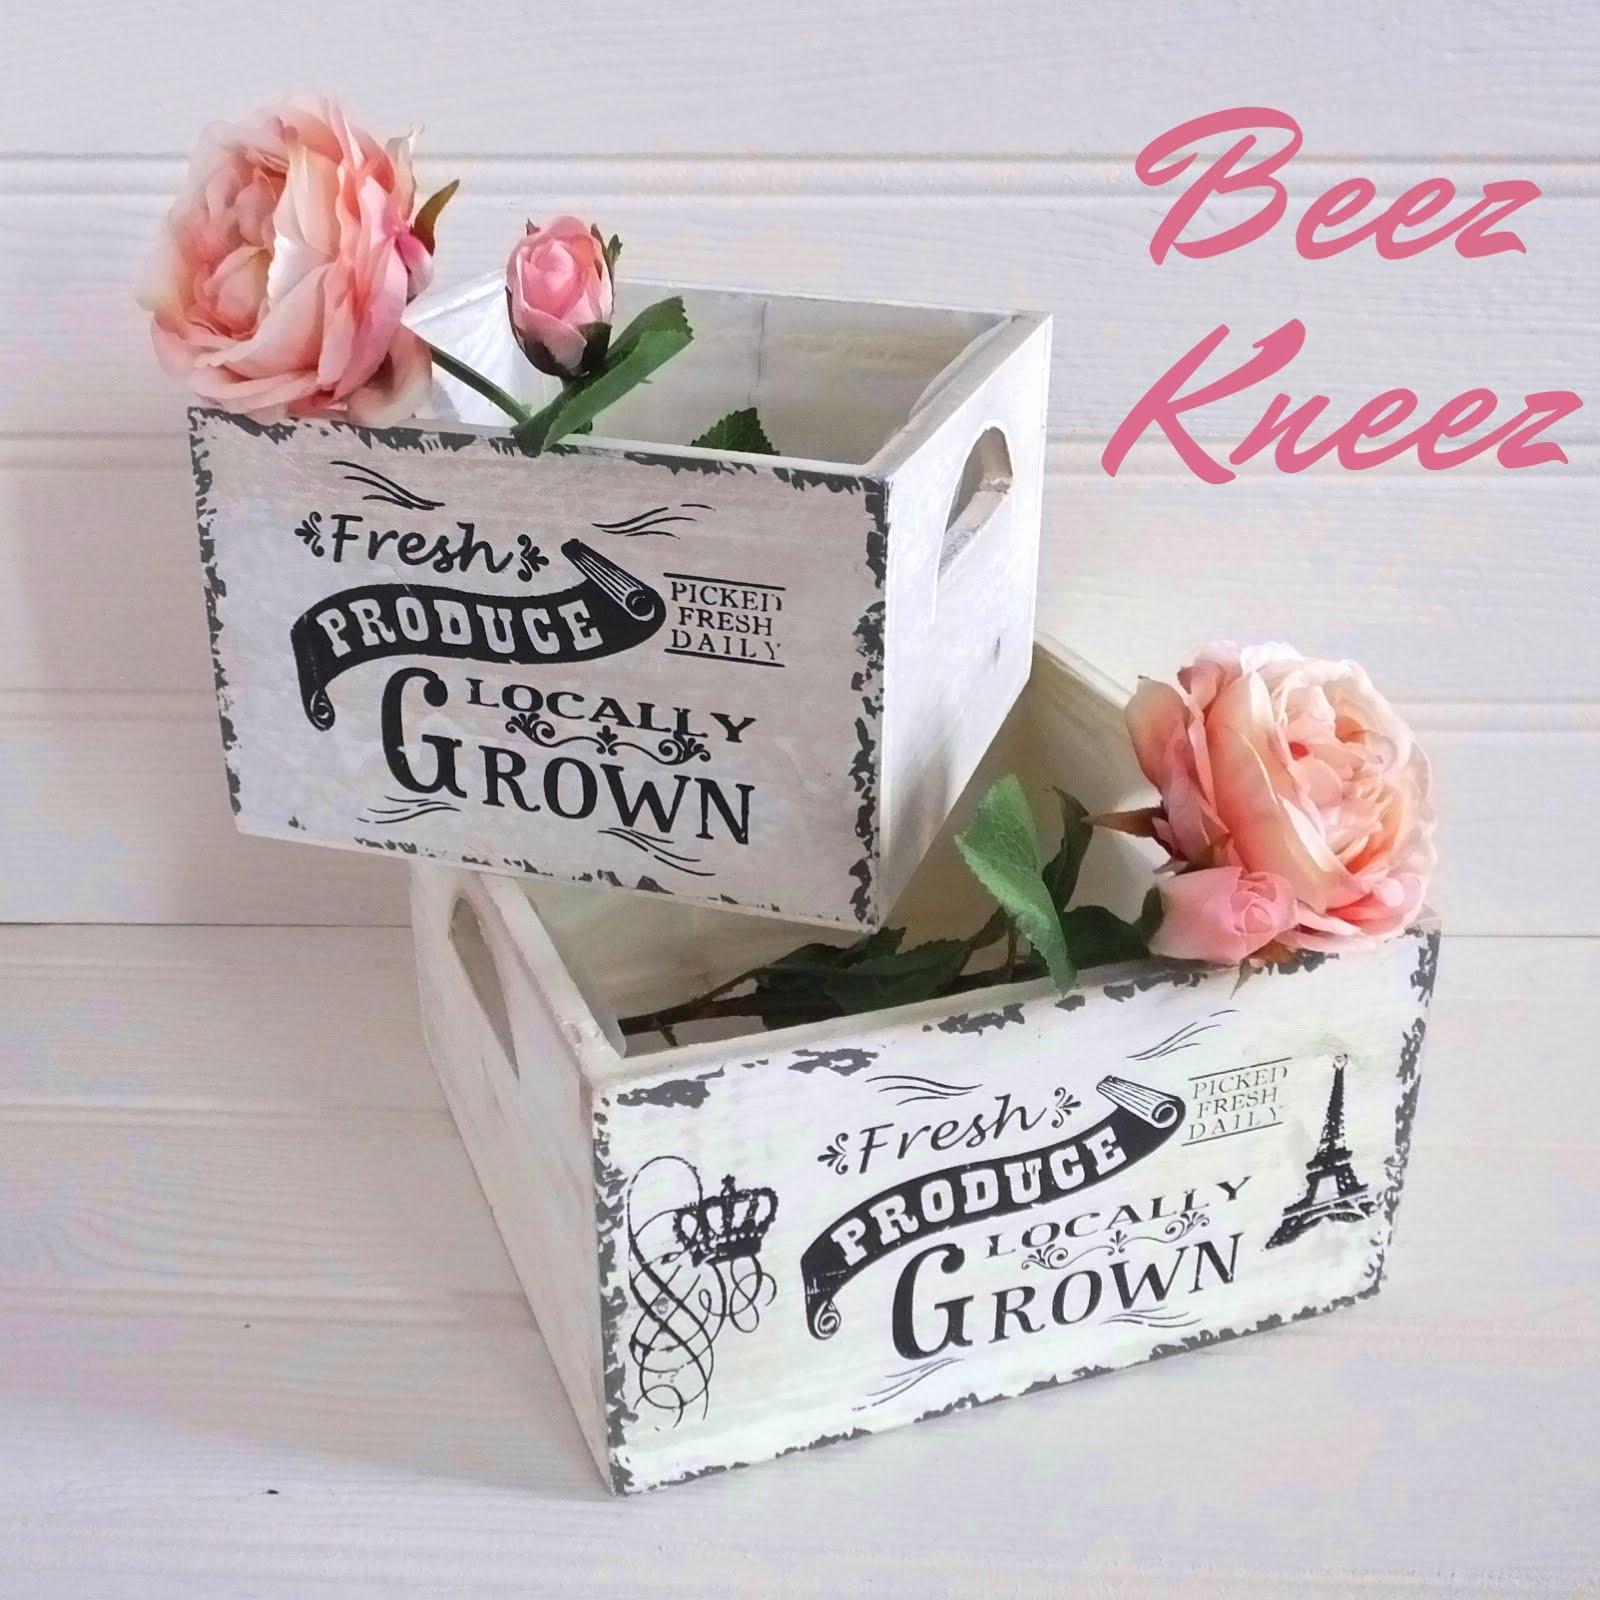 Bees Kneez